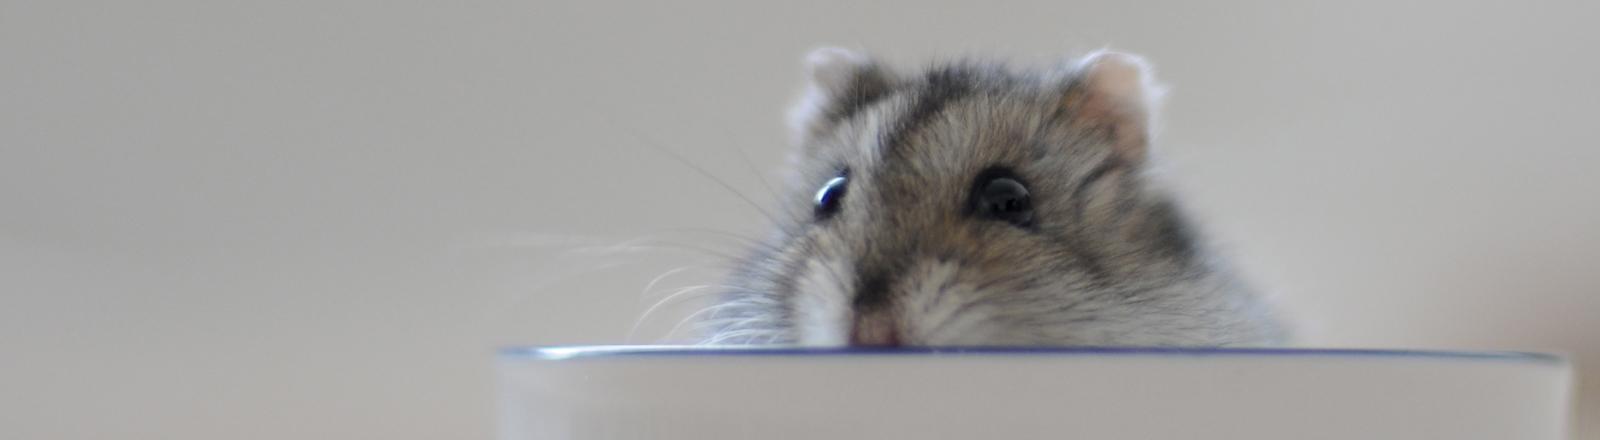 Ein Hamster, der aus einer Porzellantasse schaut.